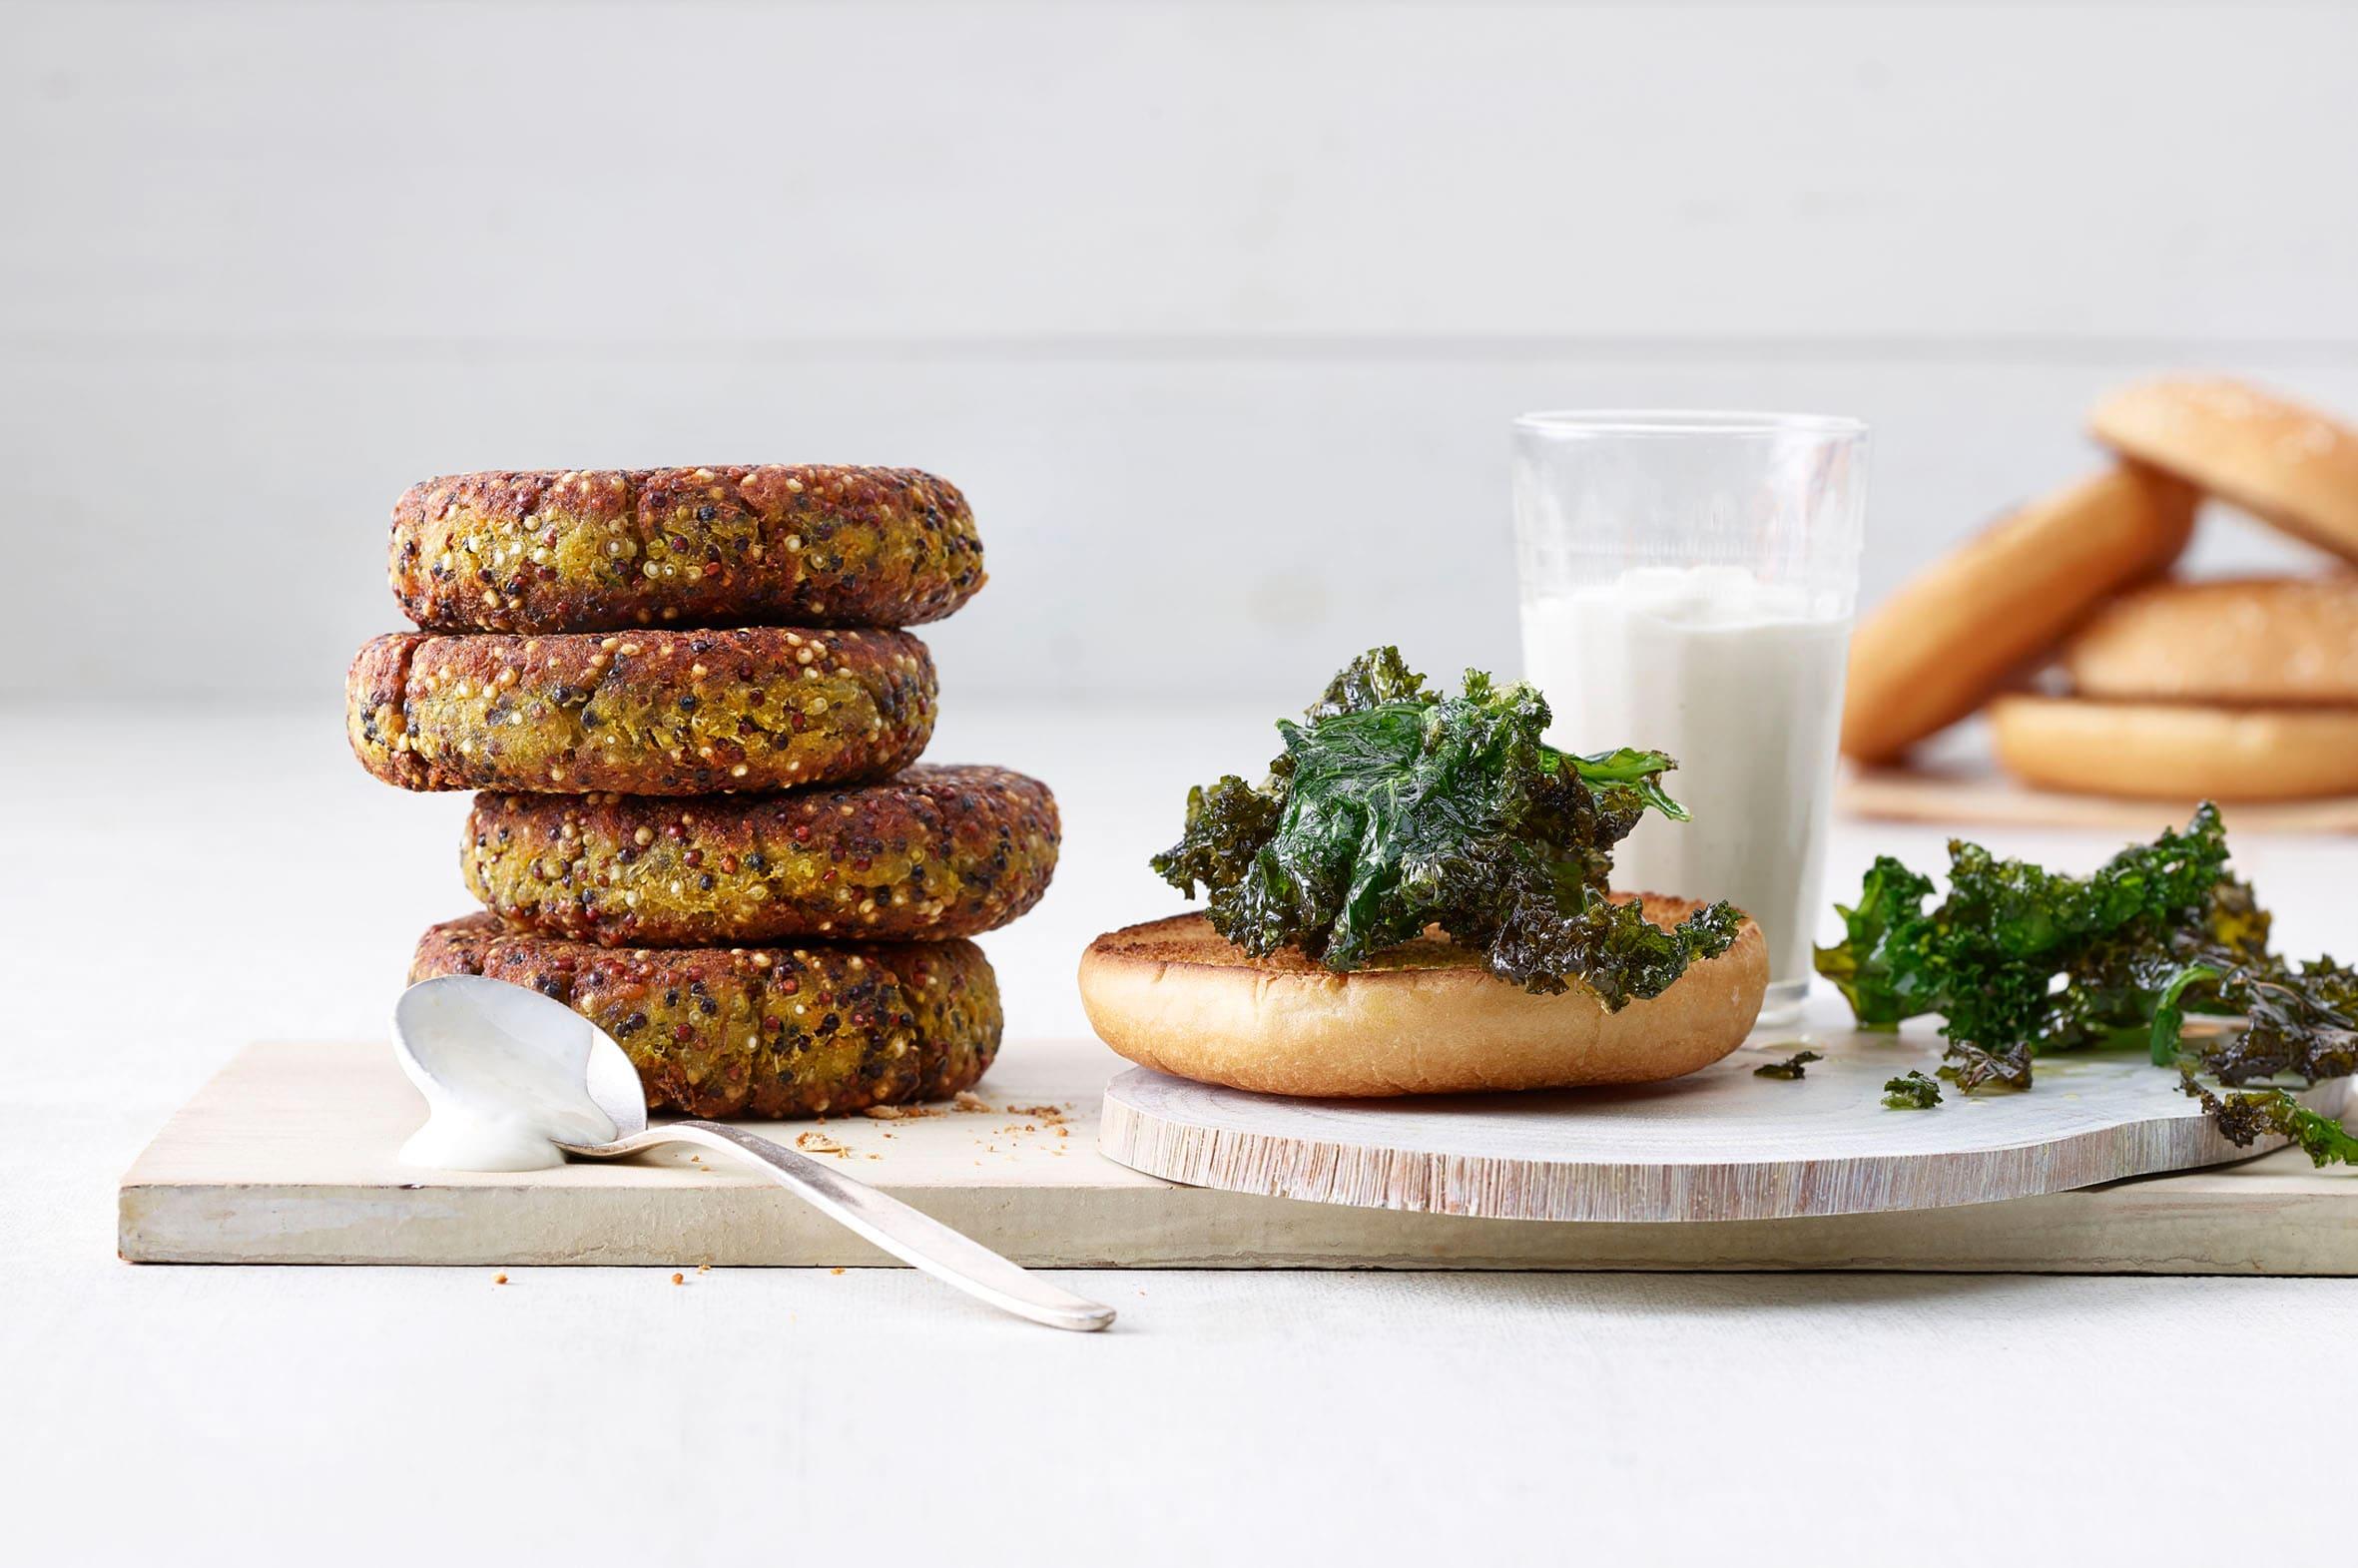 Burger de quinoa (veggie burger)